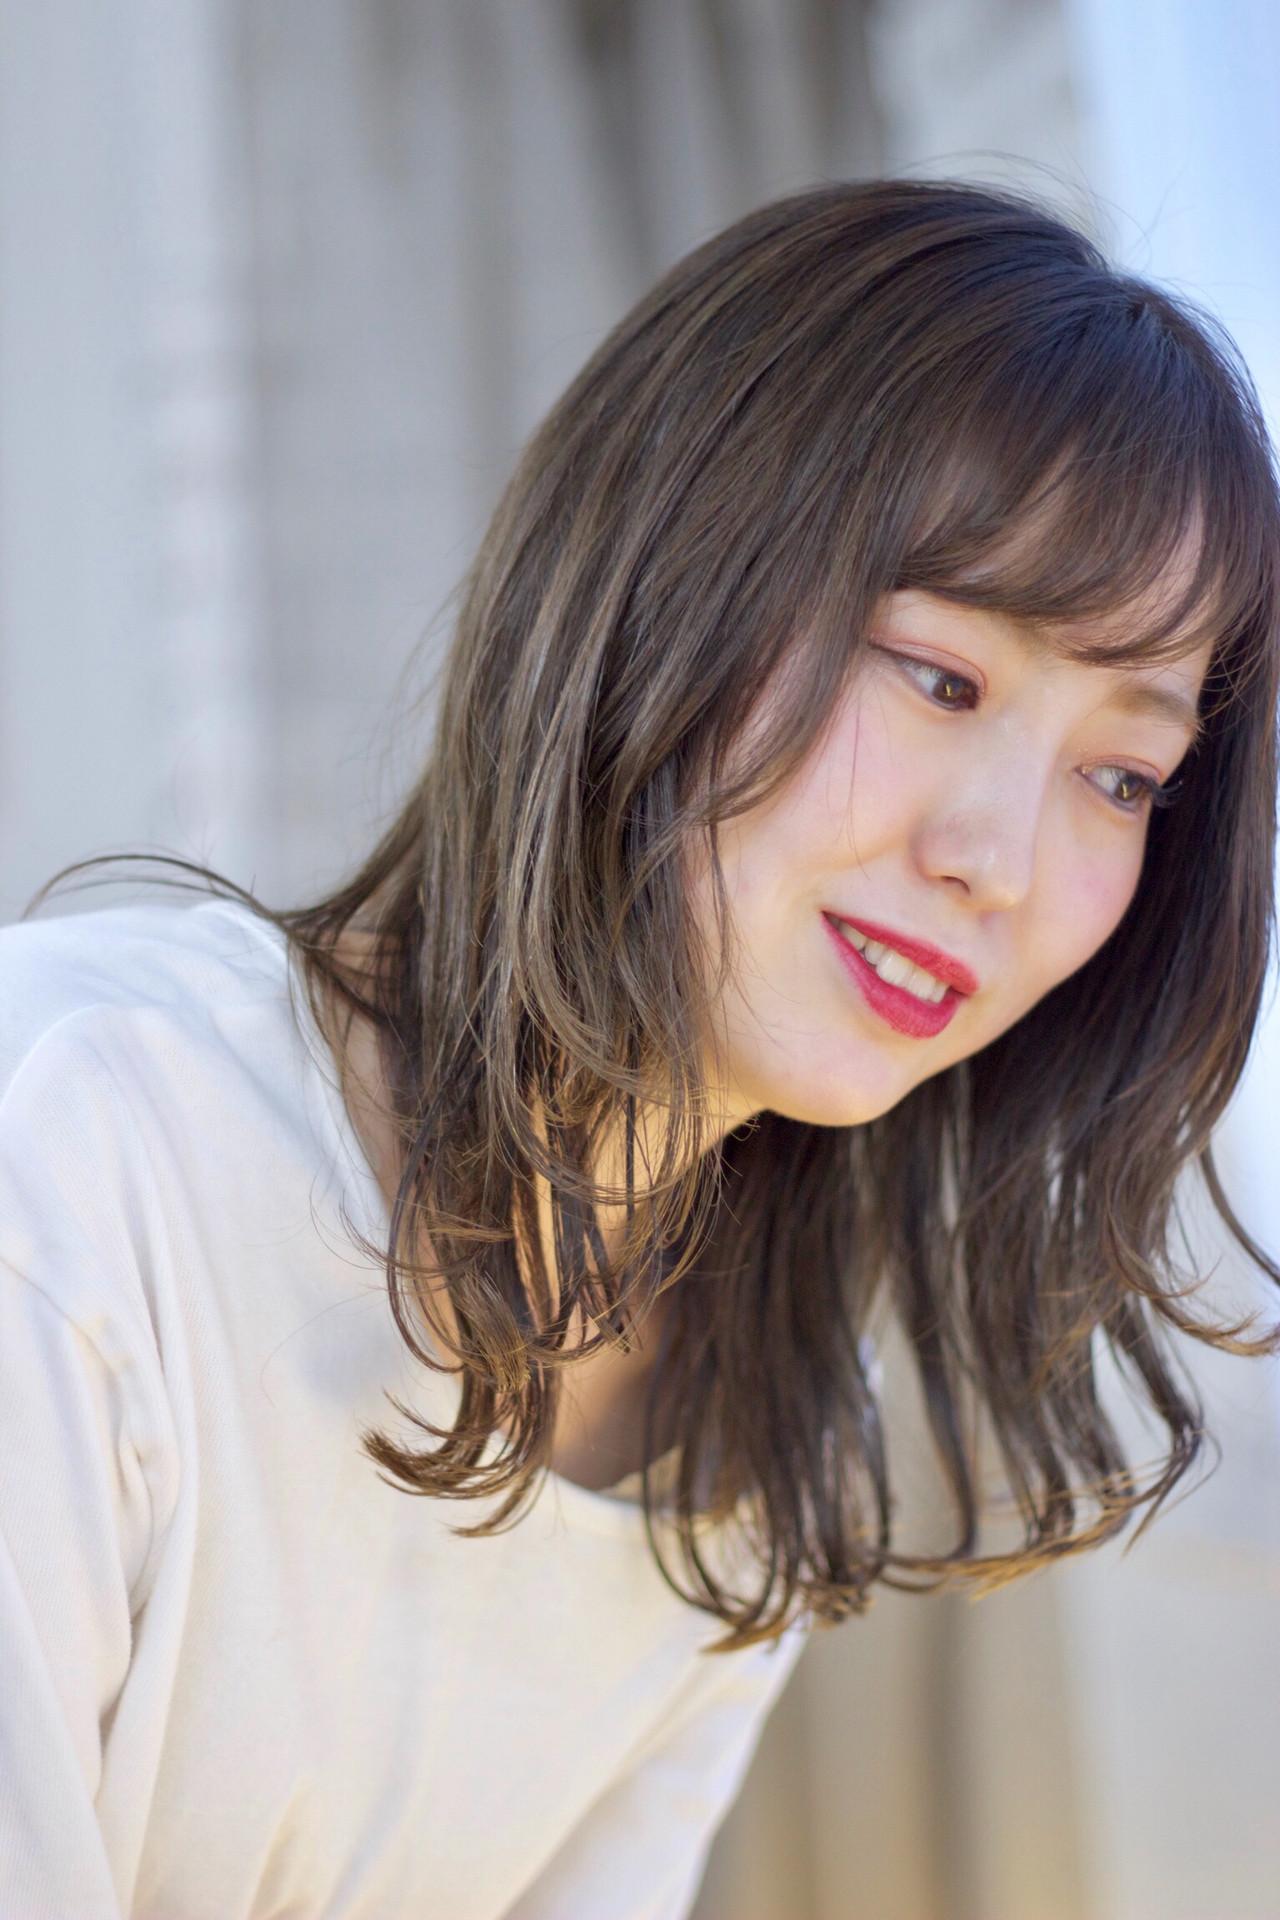 セミウェット ブルーアッシュ エレガント 透け感アッシュ ヘアスタイルや髪型の写真・画像